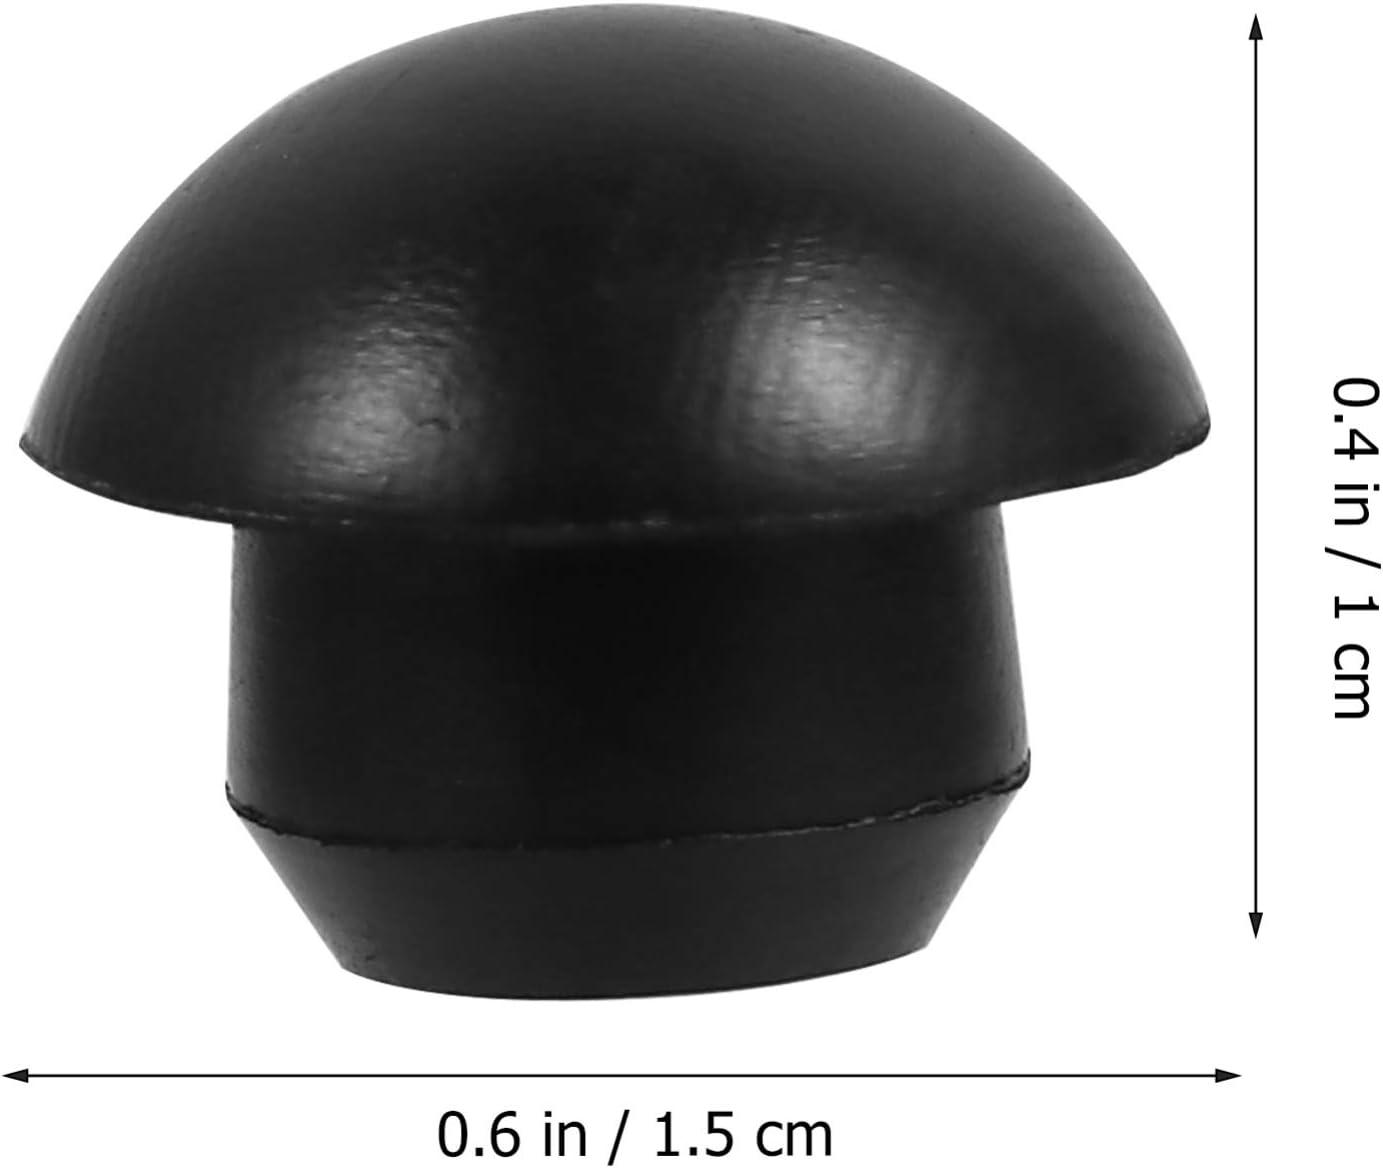 VILLCASE 20 Pi/èces Bouchons de Remplissage de Tige de Cric Horizontal Hydraulique Bouchons de Prise Horizontaux /à Piston